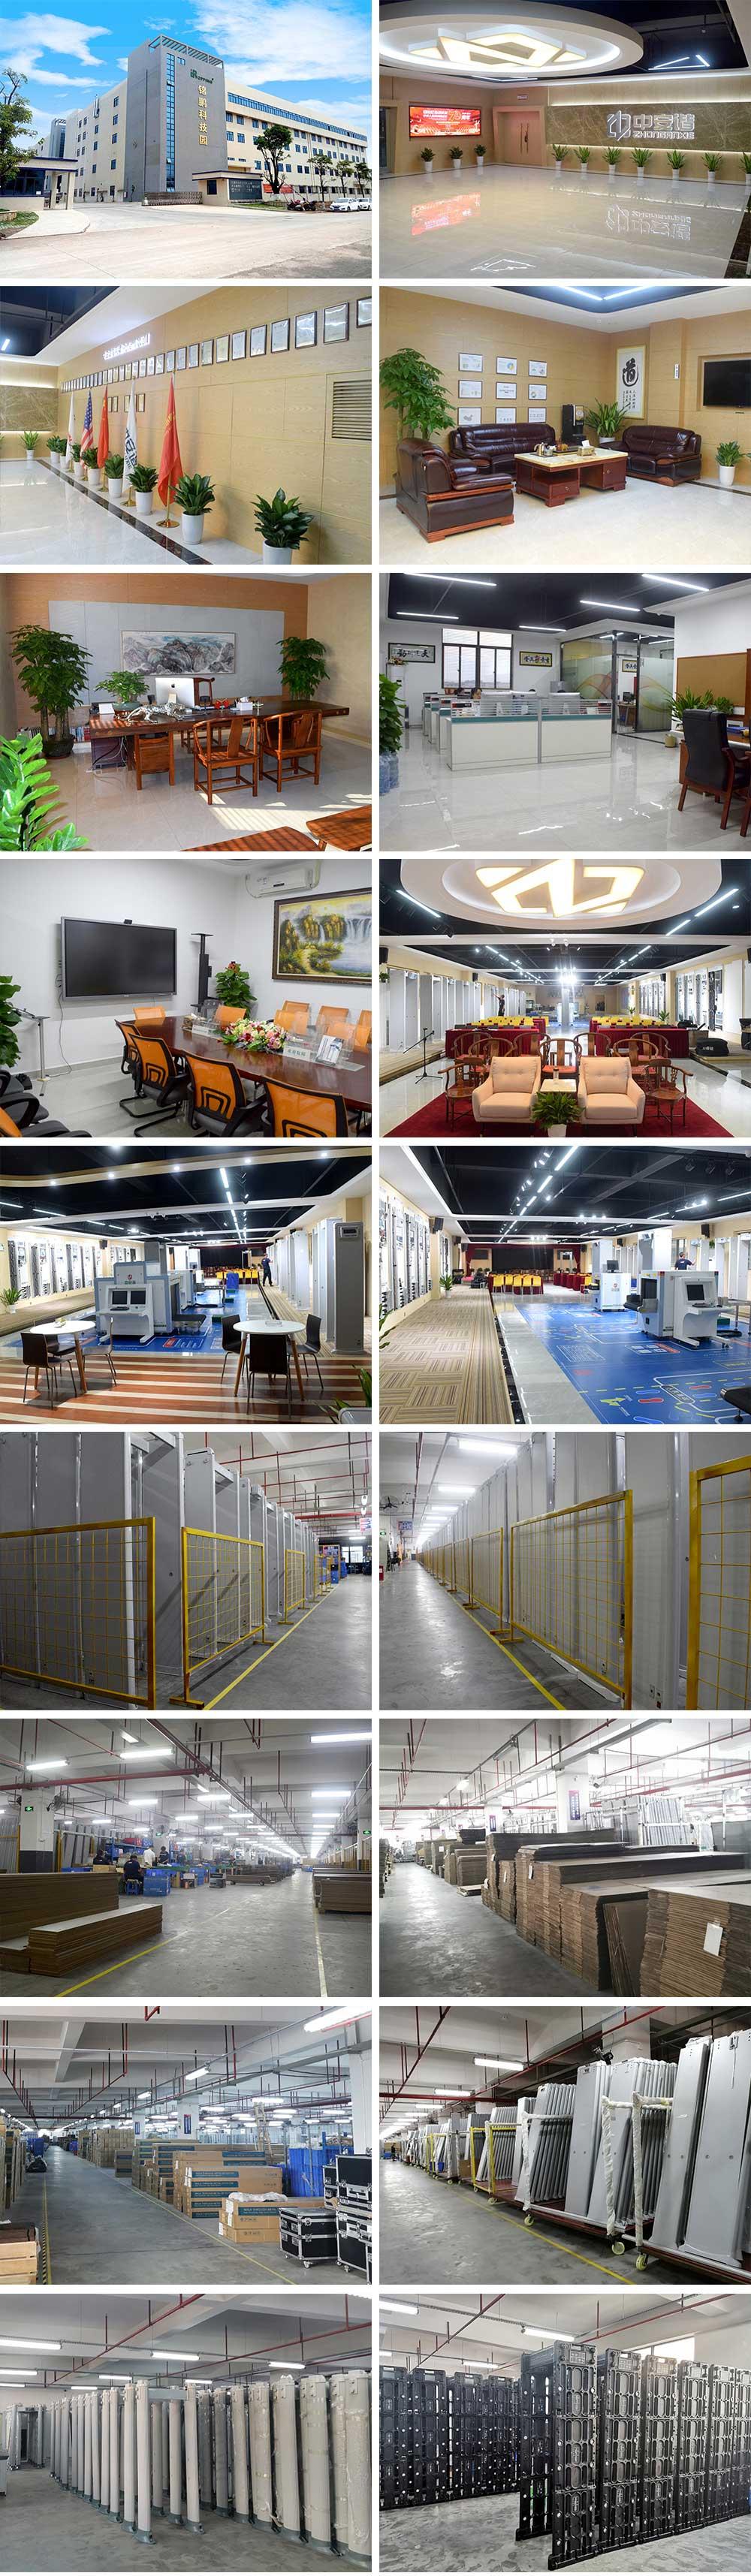 walk through metal detector factory